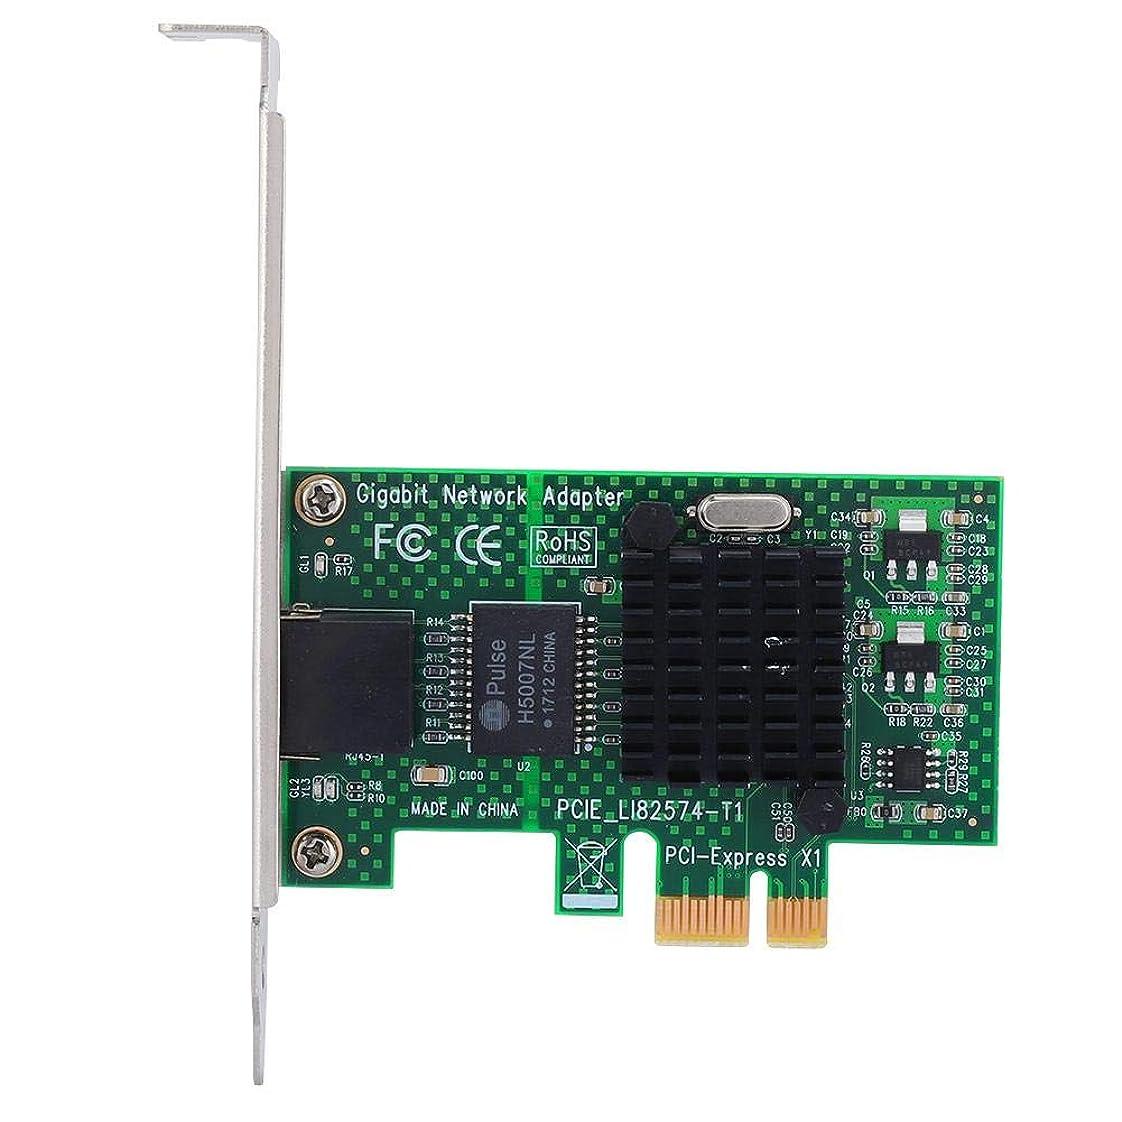 不実環境リサイクルするfosa RJ45 インターフェース PCI-E Gigabit ネットワークカード Intel 82574L 1000 Mbps ネットワークカード ギガビット LAN ヒートシンク付き ホーム/オフィス/サーバー PCI-Ex1 x4 x8 x16 スロット IEEE802.X ネットスタンダード